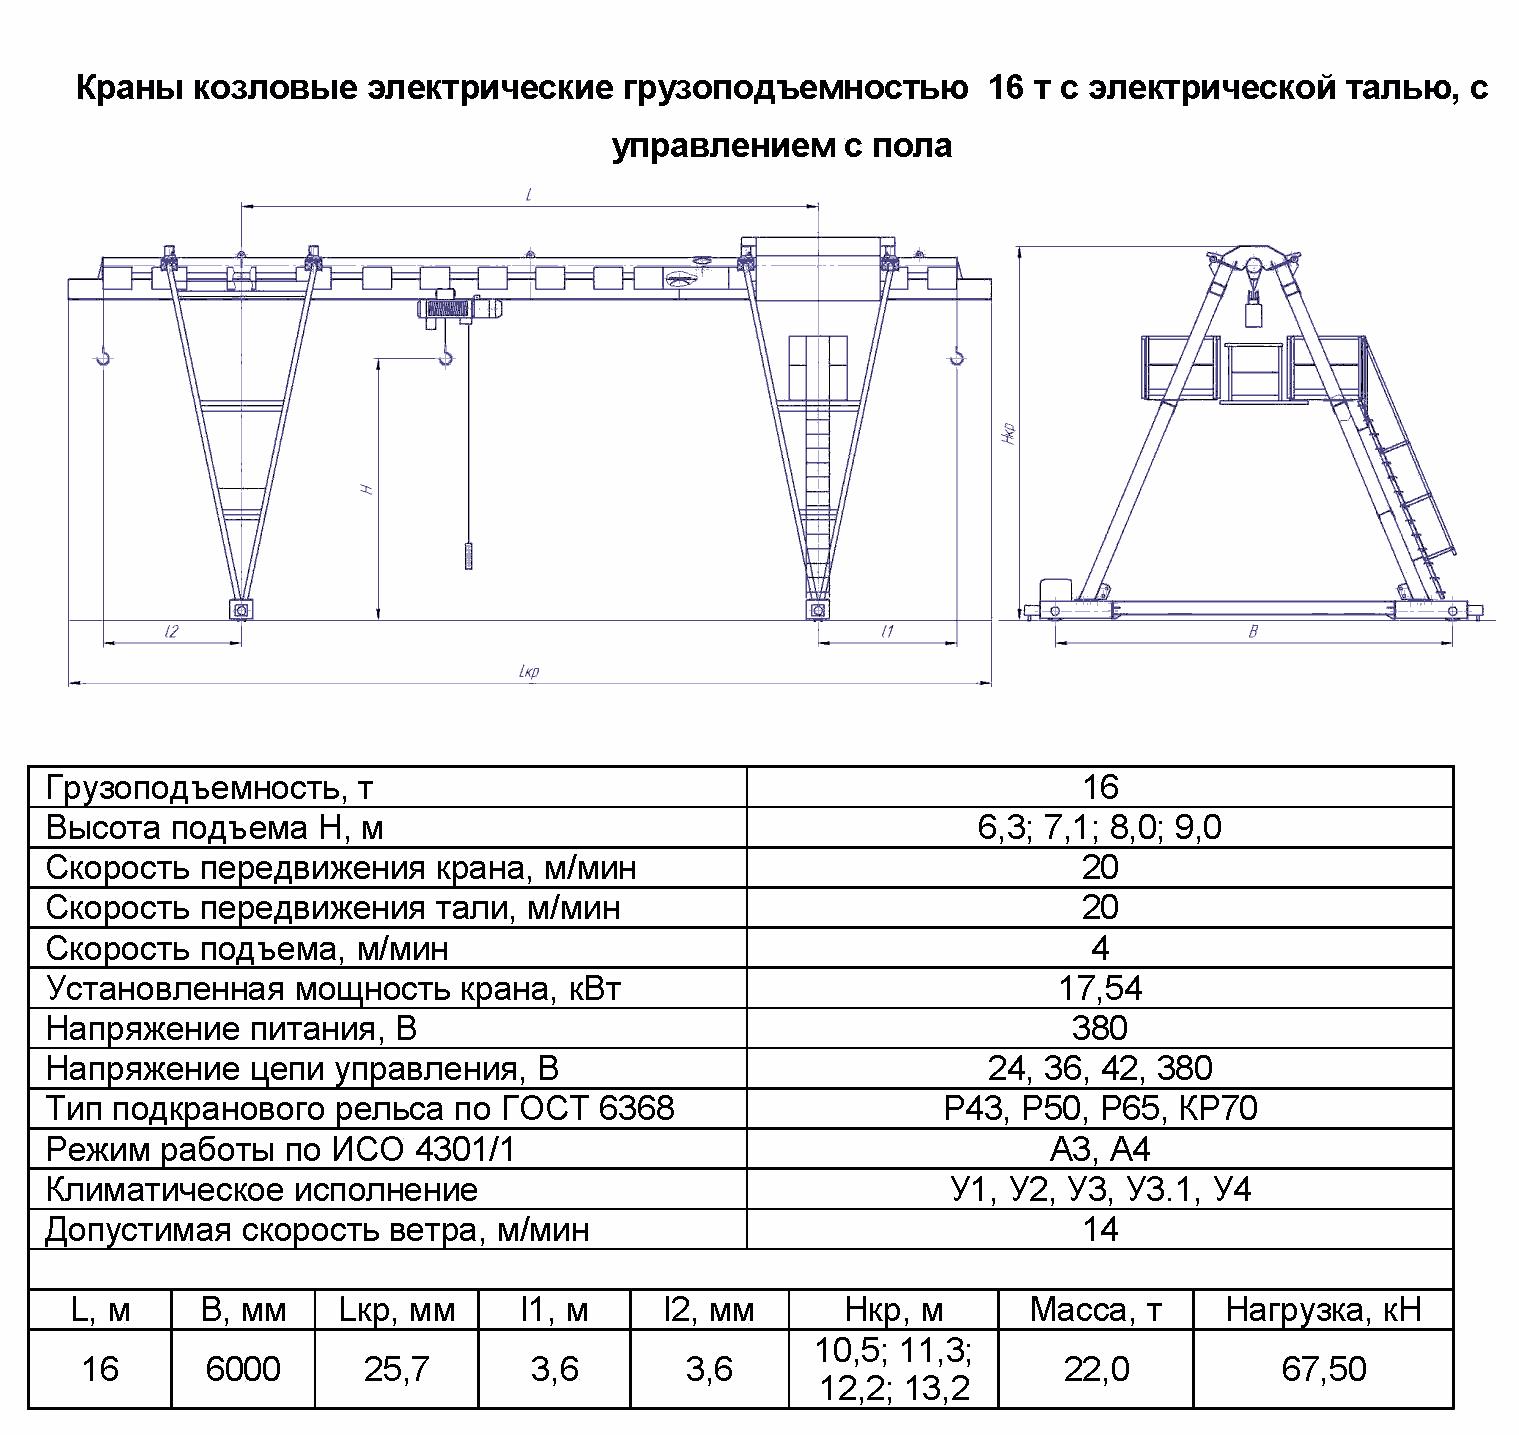 KKO 16 160 - Кран козловой электрический однобалочный